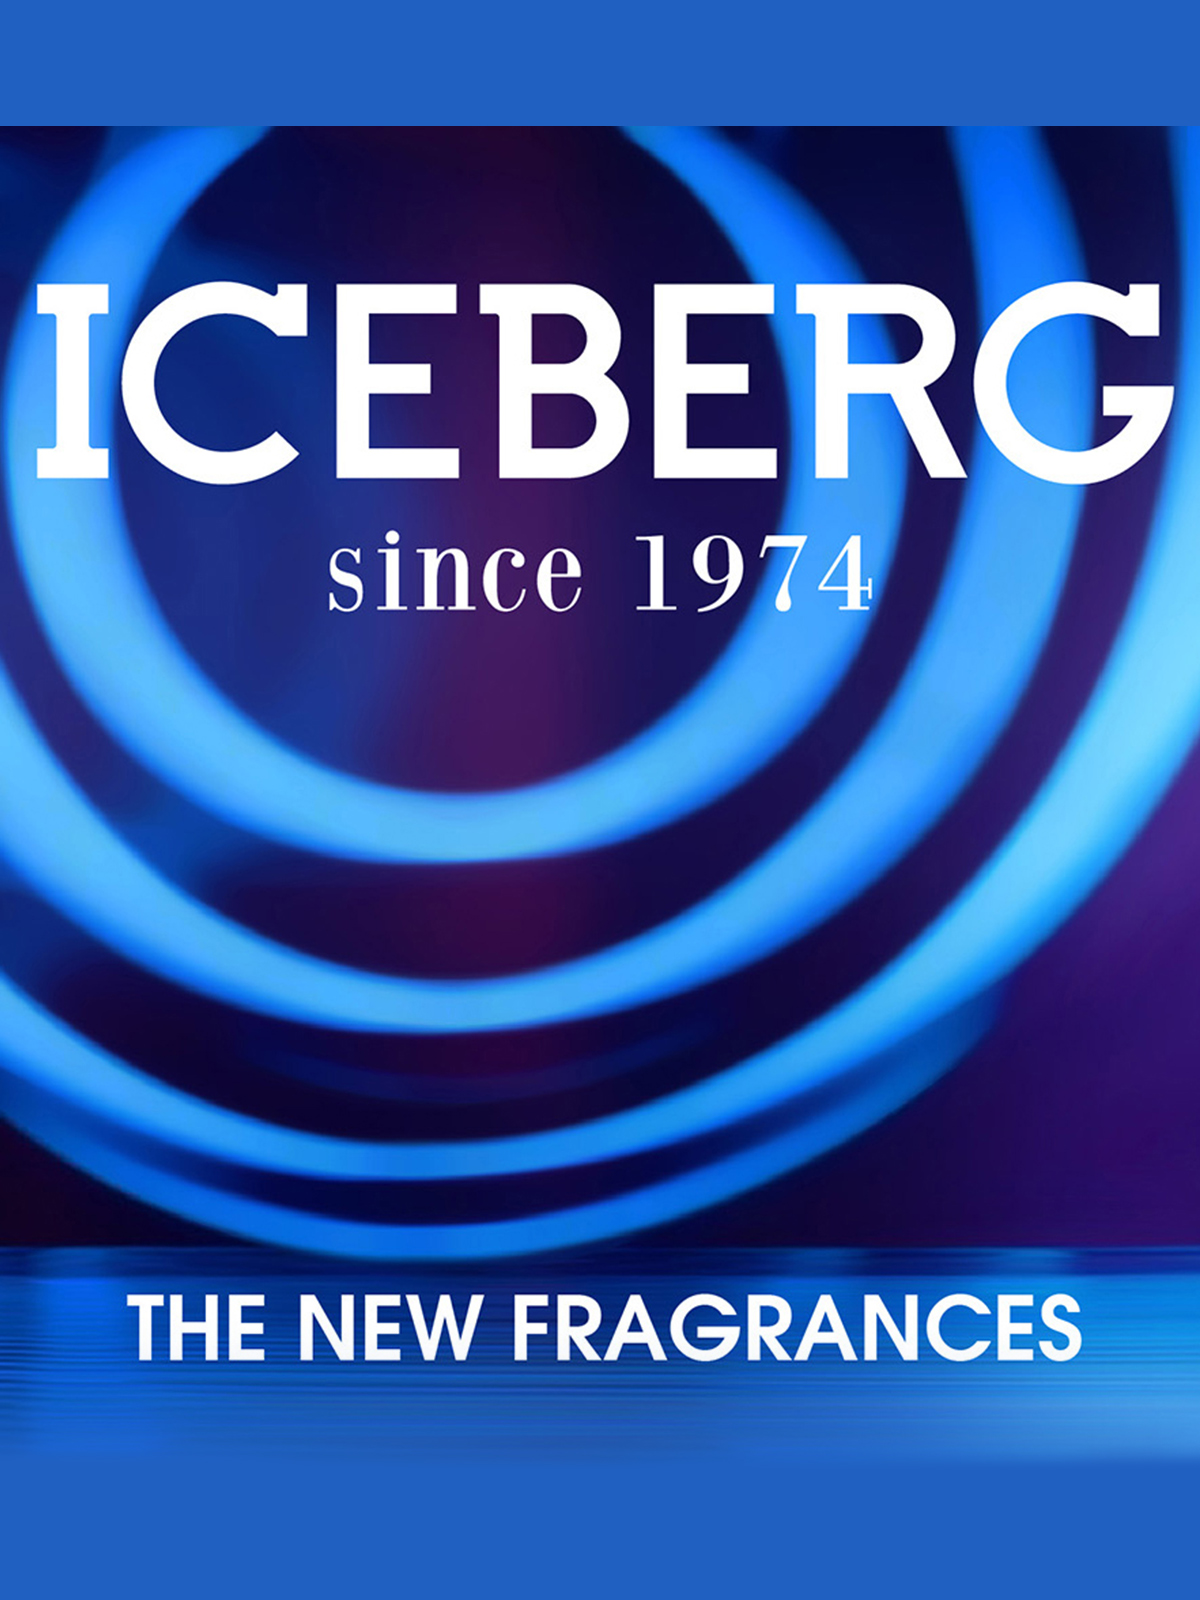 EinBild von einem Iceberg Parfum Visual